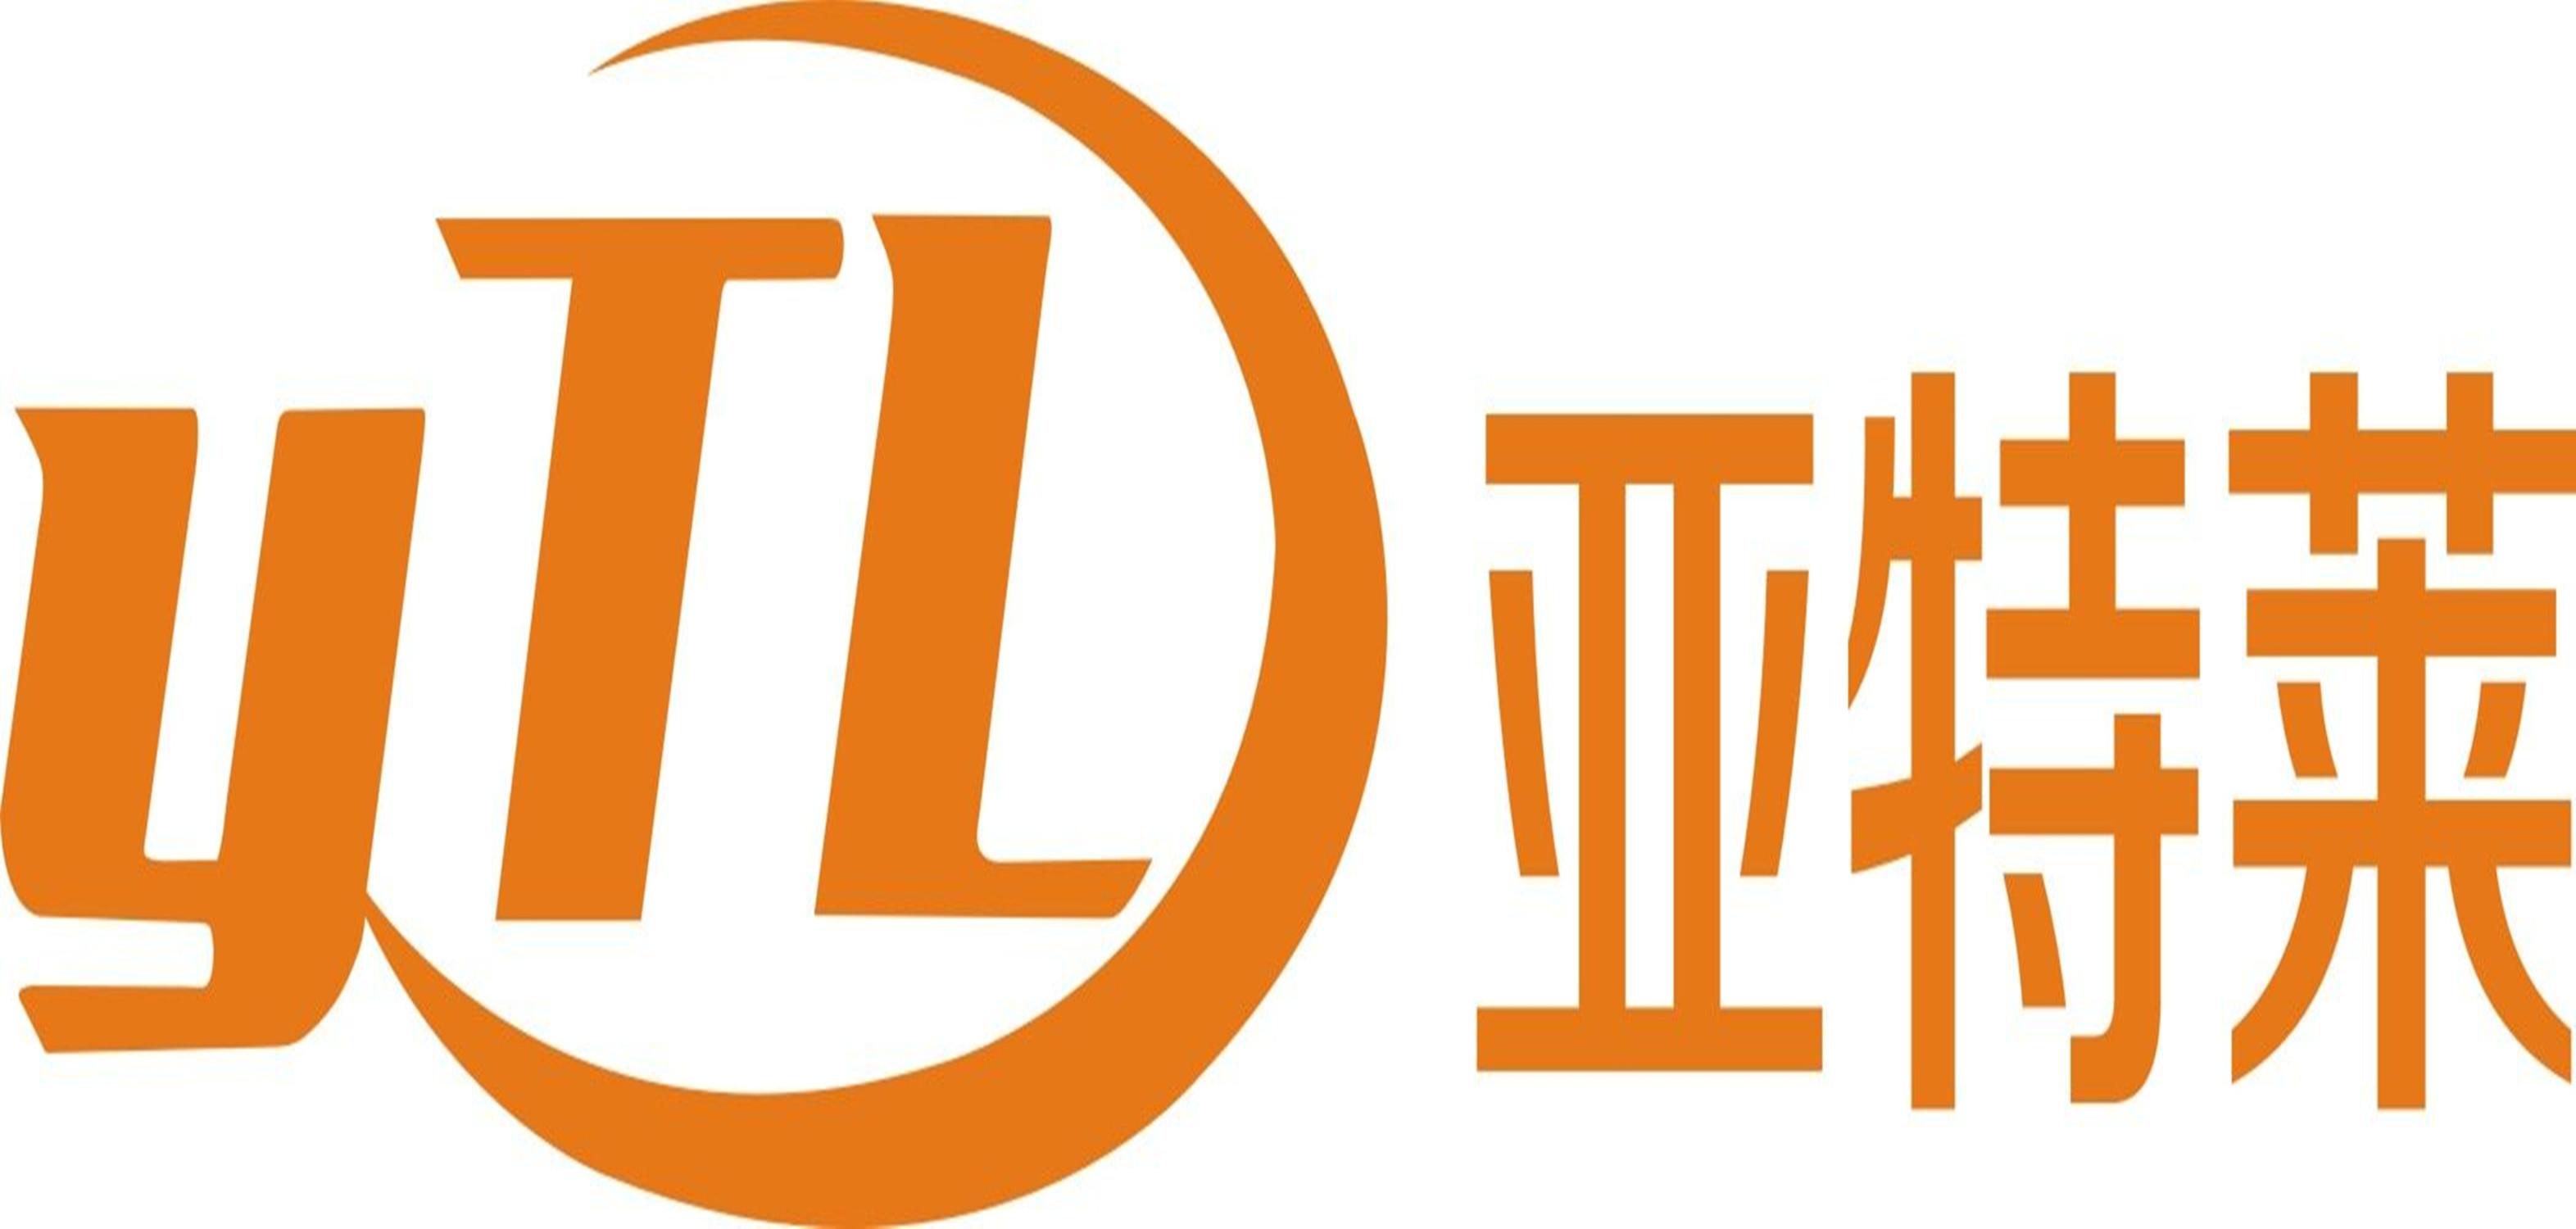 logo logo 标志 设计 矢量 矢量图 素材 图标 3144_1500